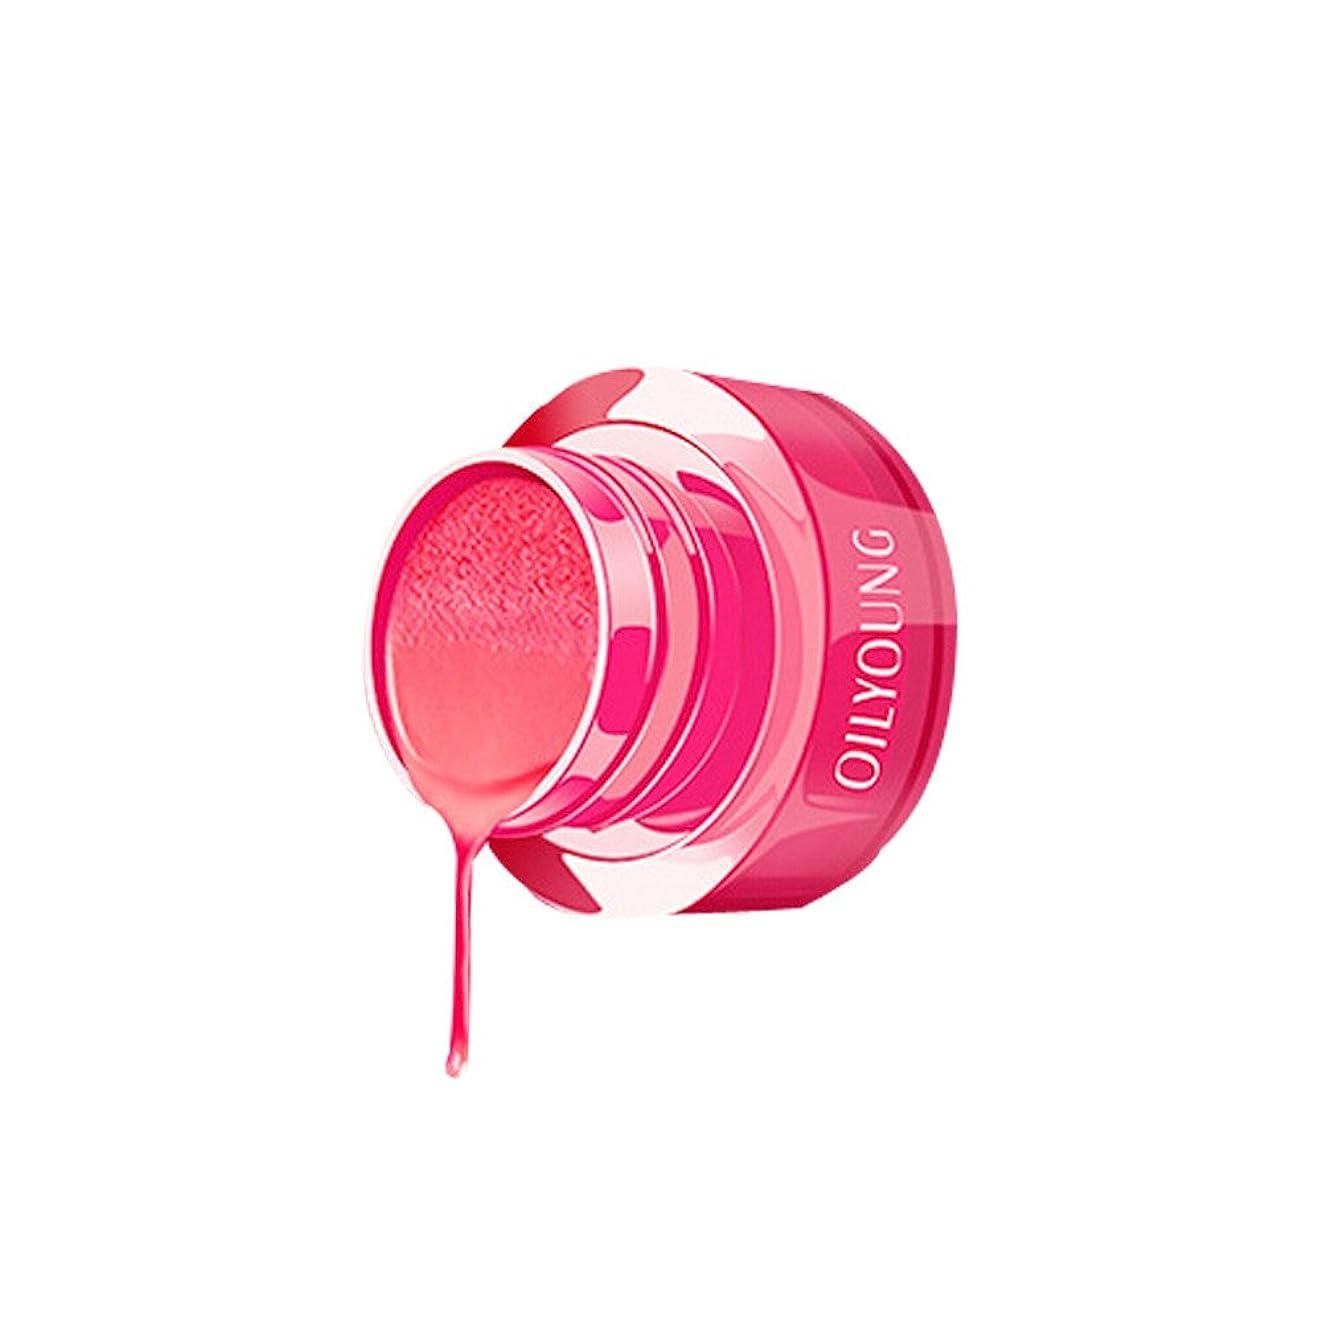 使い込む荷物ファントムリップスティック 3グラム エアクッション口紅 ノーブル リップクリーム グラデーション 保湿 リップバーム リップグロス 化粧品 液体 水和 ツヤツヤな潤い肌の色を見せるルージュhuajuan